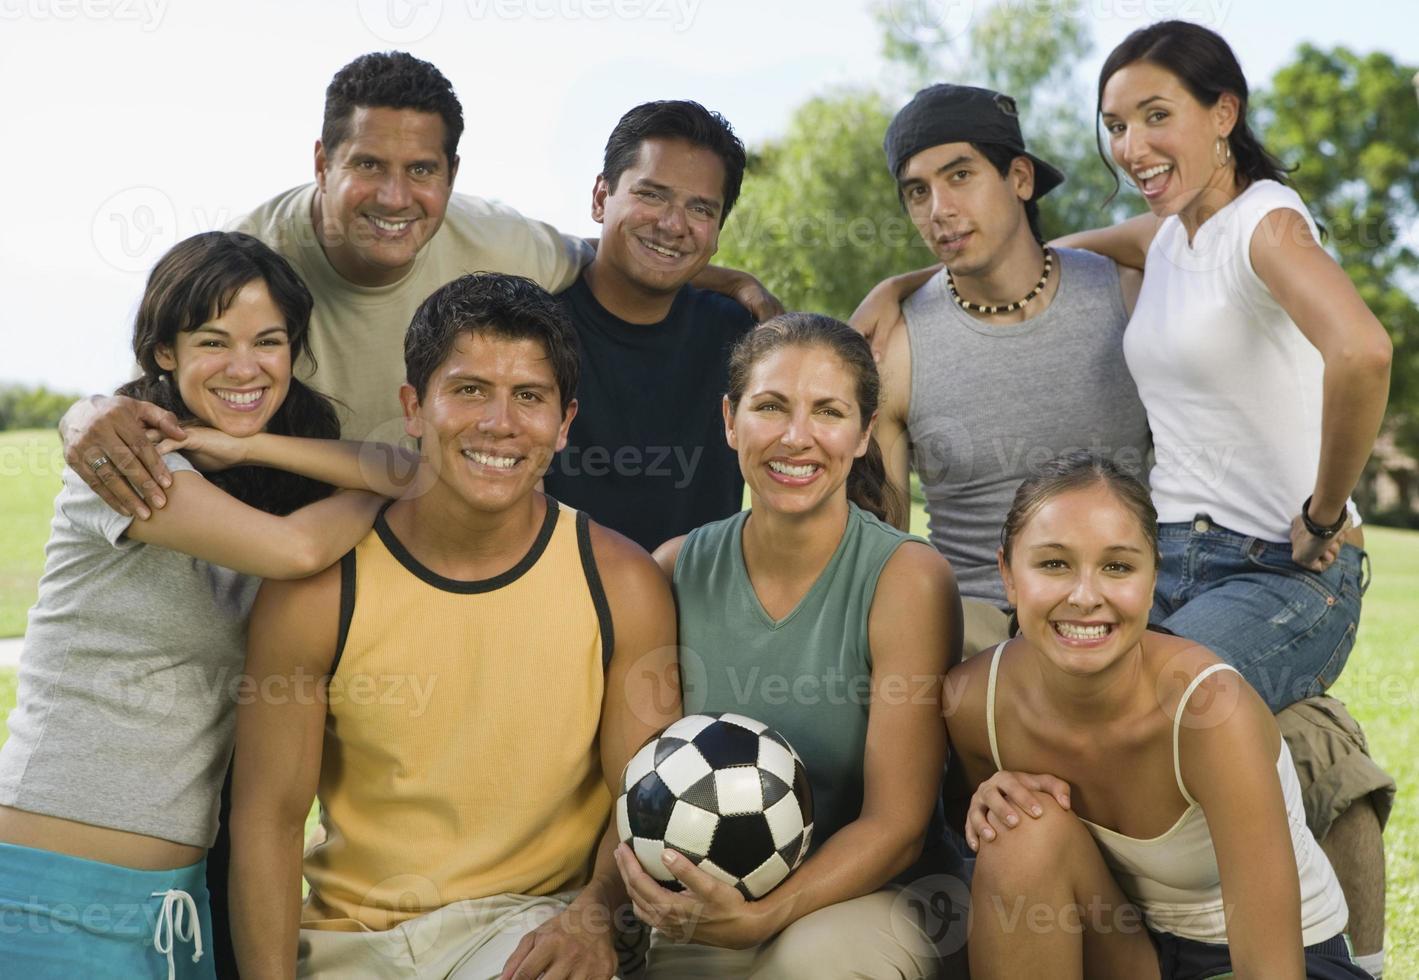 familie voetbalwedstrijd foto